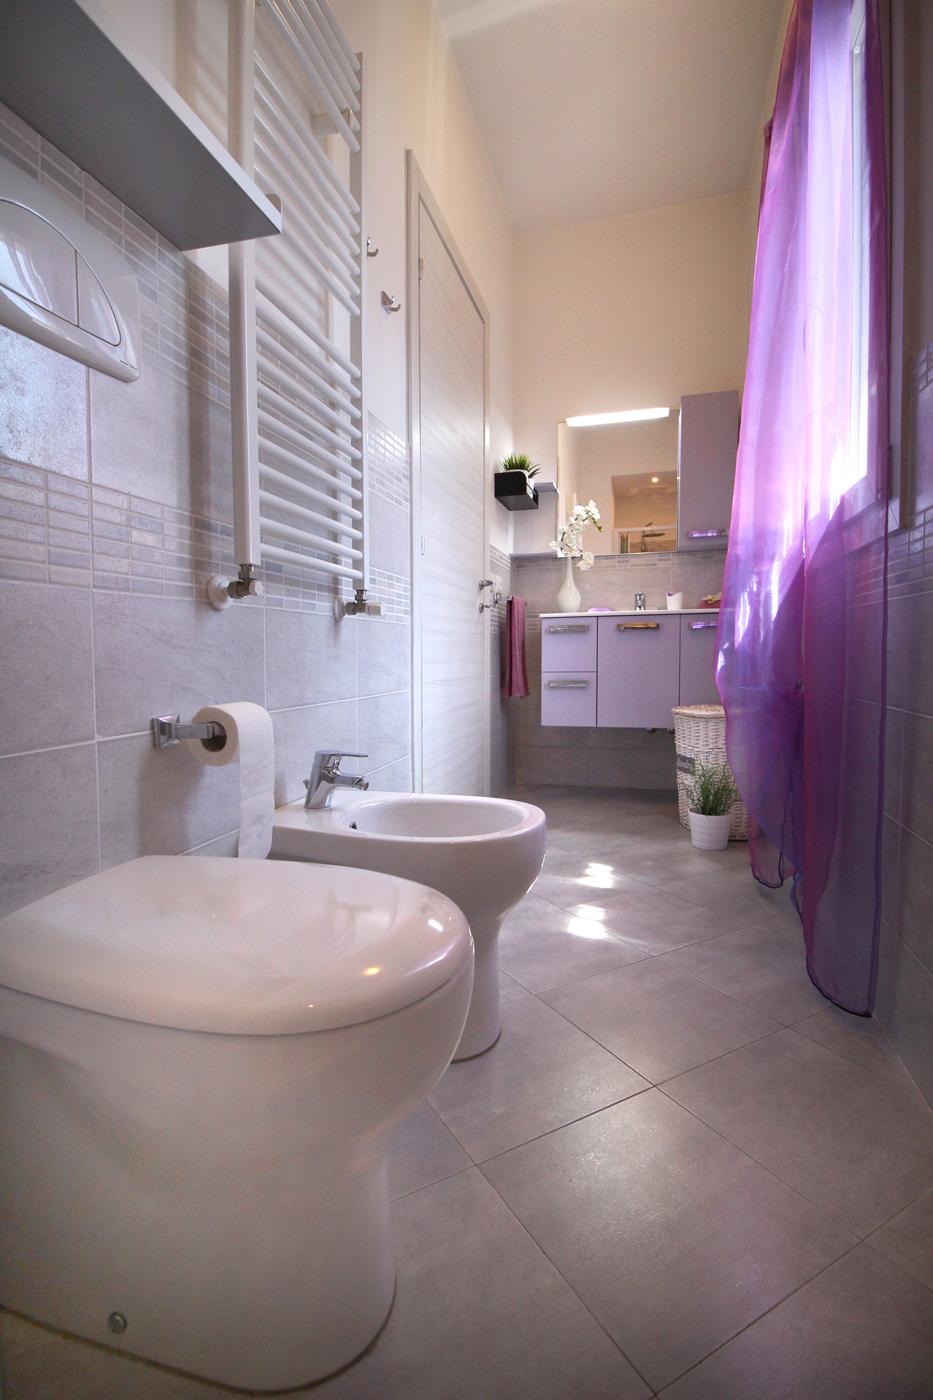 Appartamento la casina di gatteo_romagna case vacanze_IMG_8138